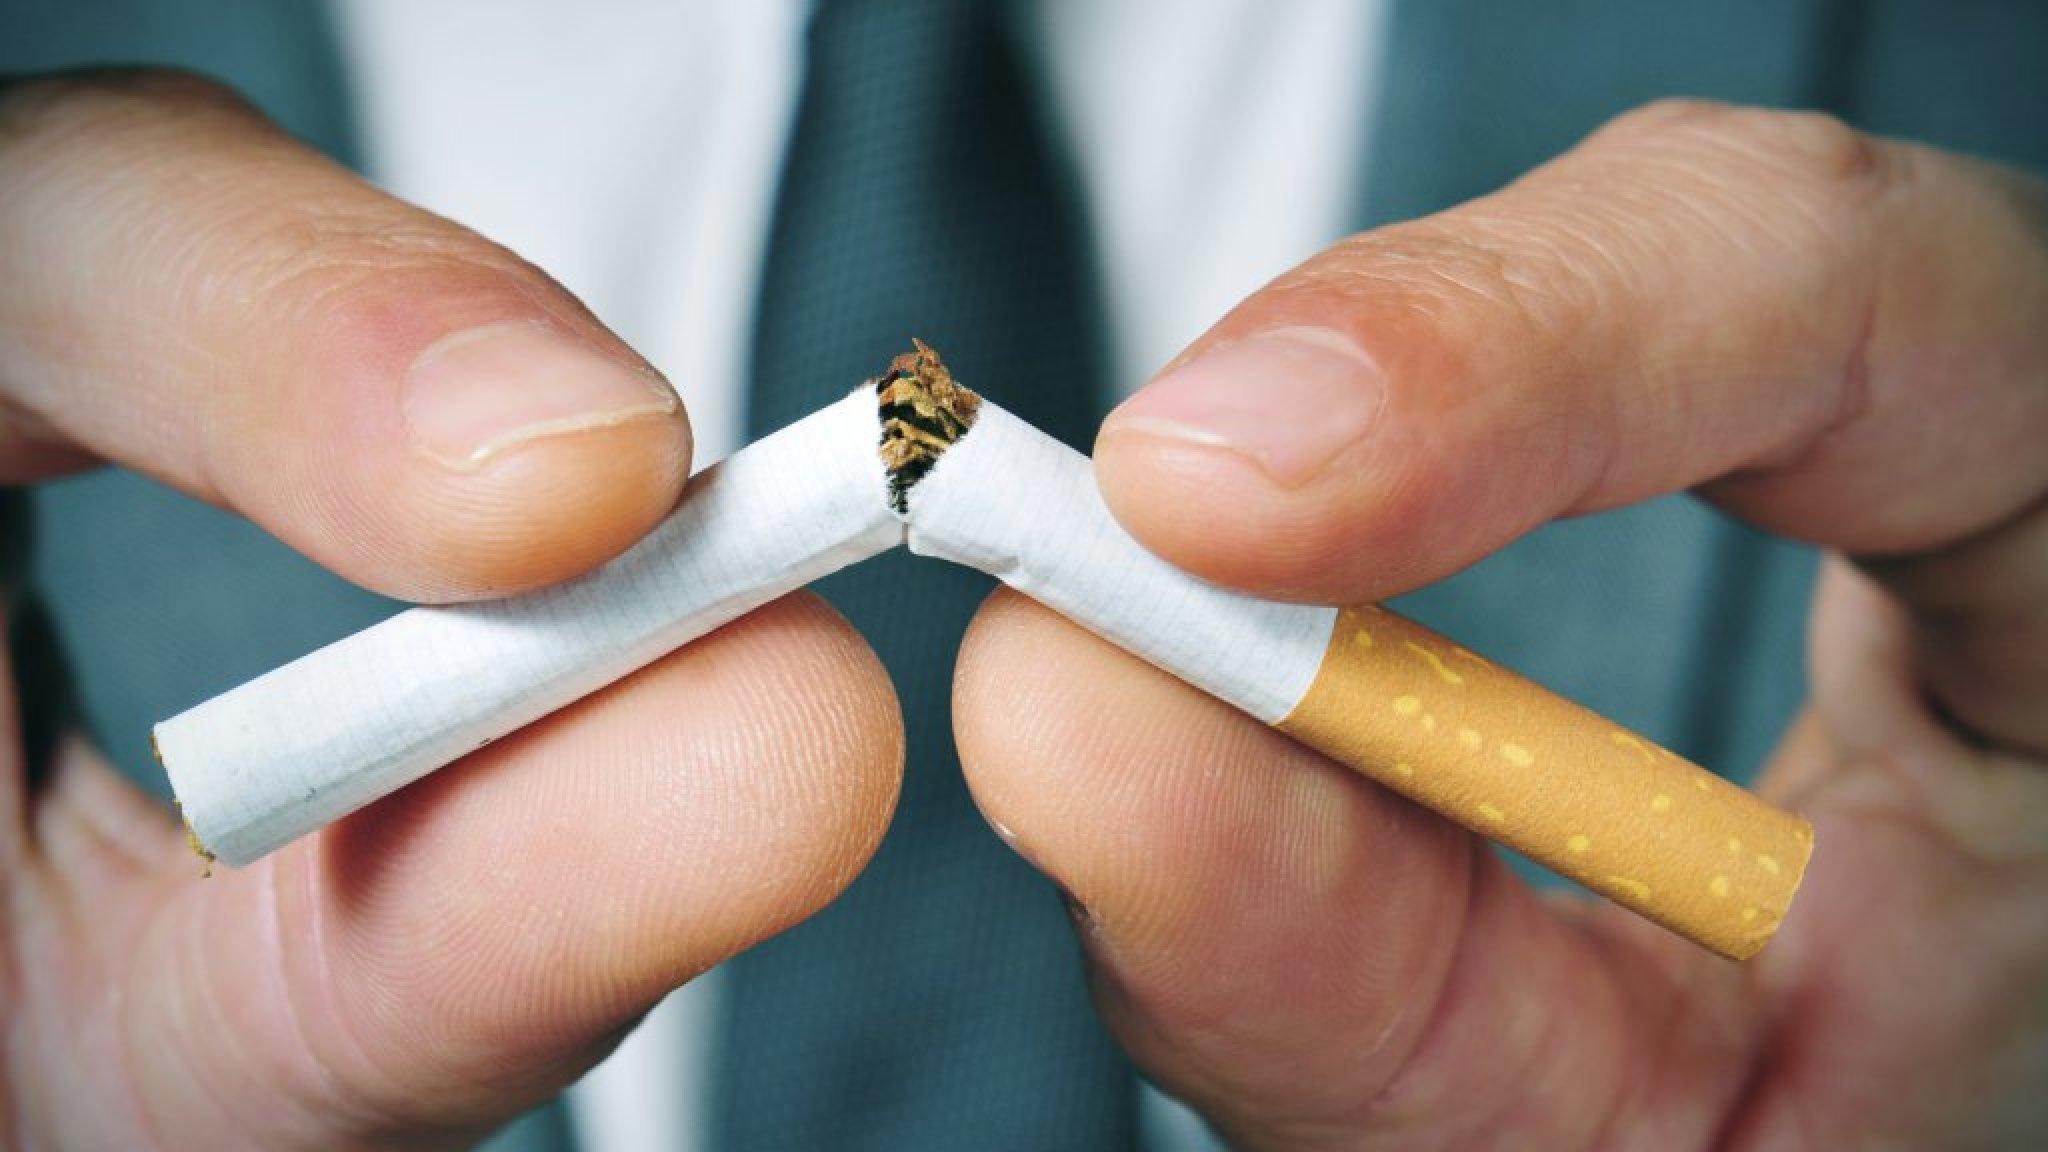 Nieuw Onderzoek Longen Ex Roker Herstellen Veel Beter Dan Gedacht